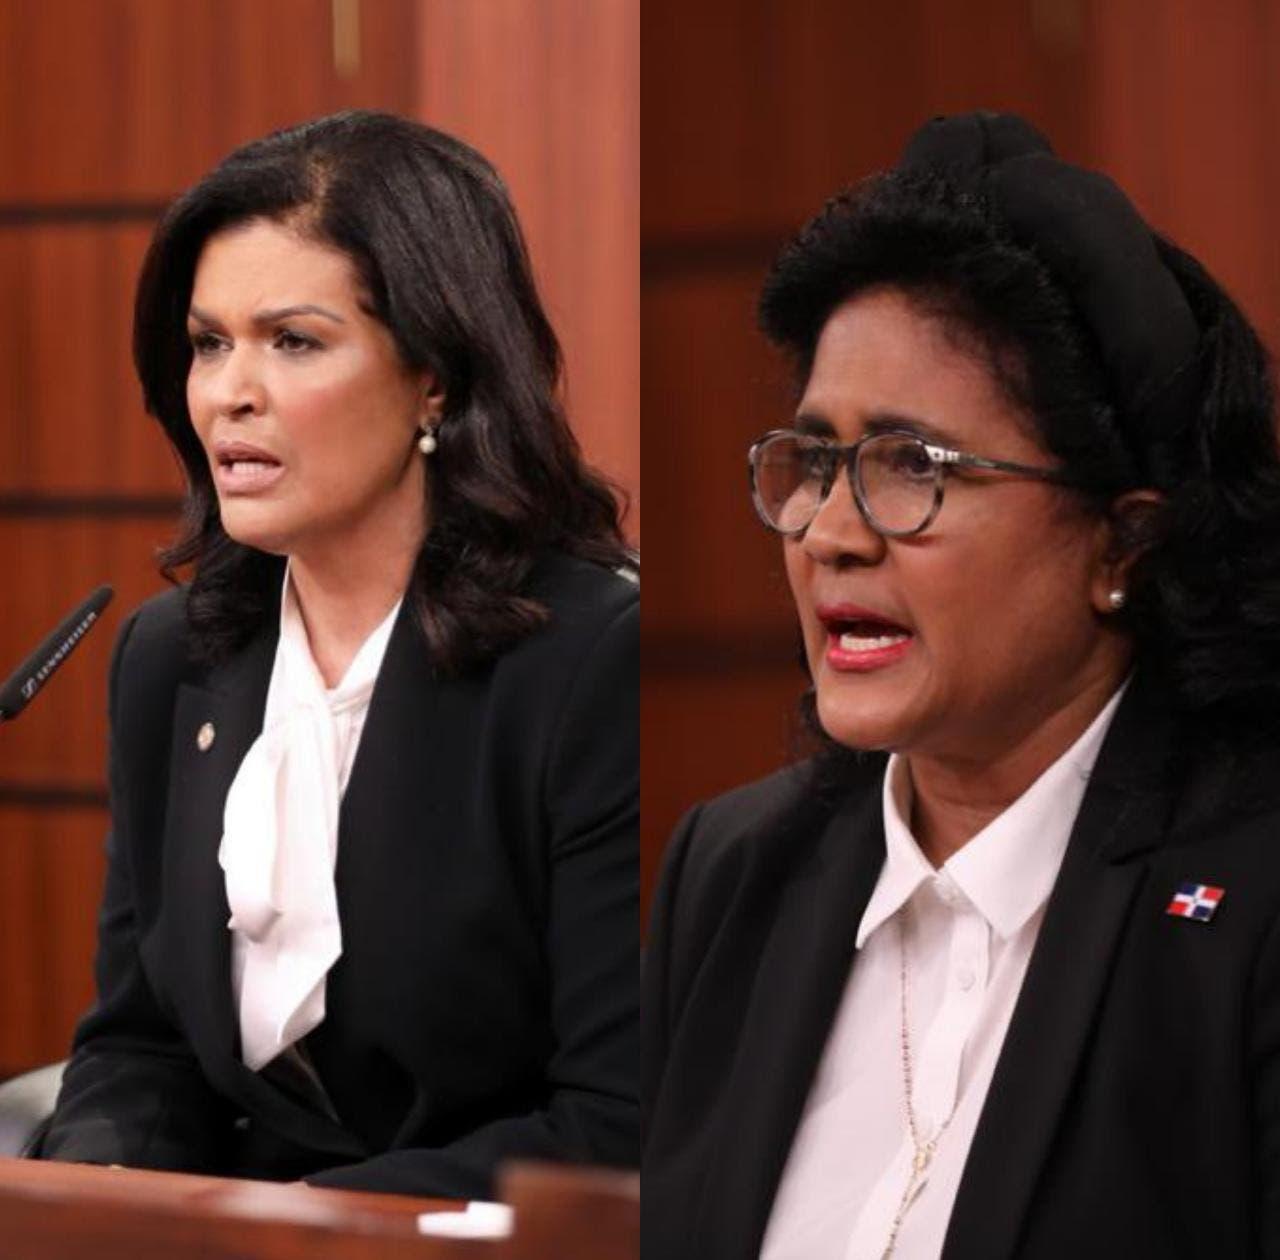 María del Carmen Santana y Eunisis Vásquez nuevas juezas del TC